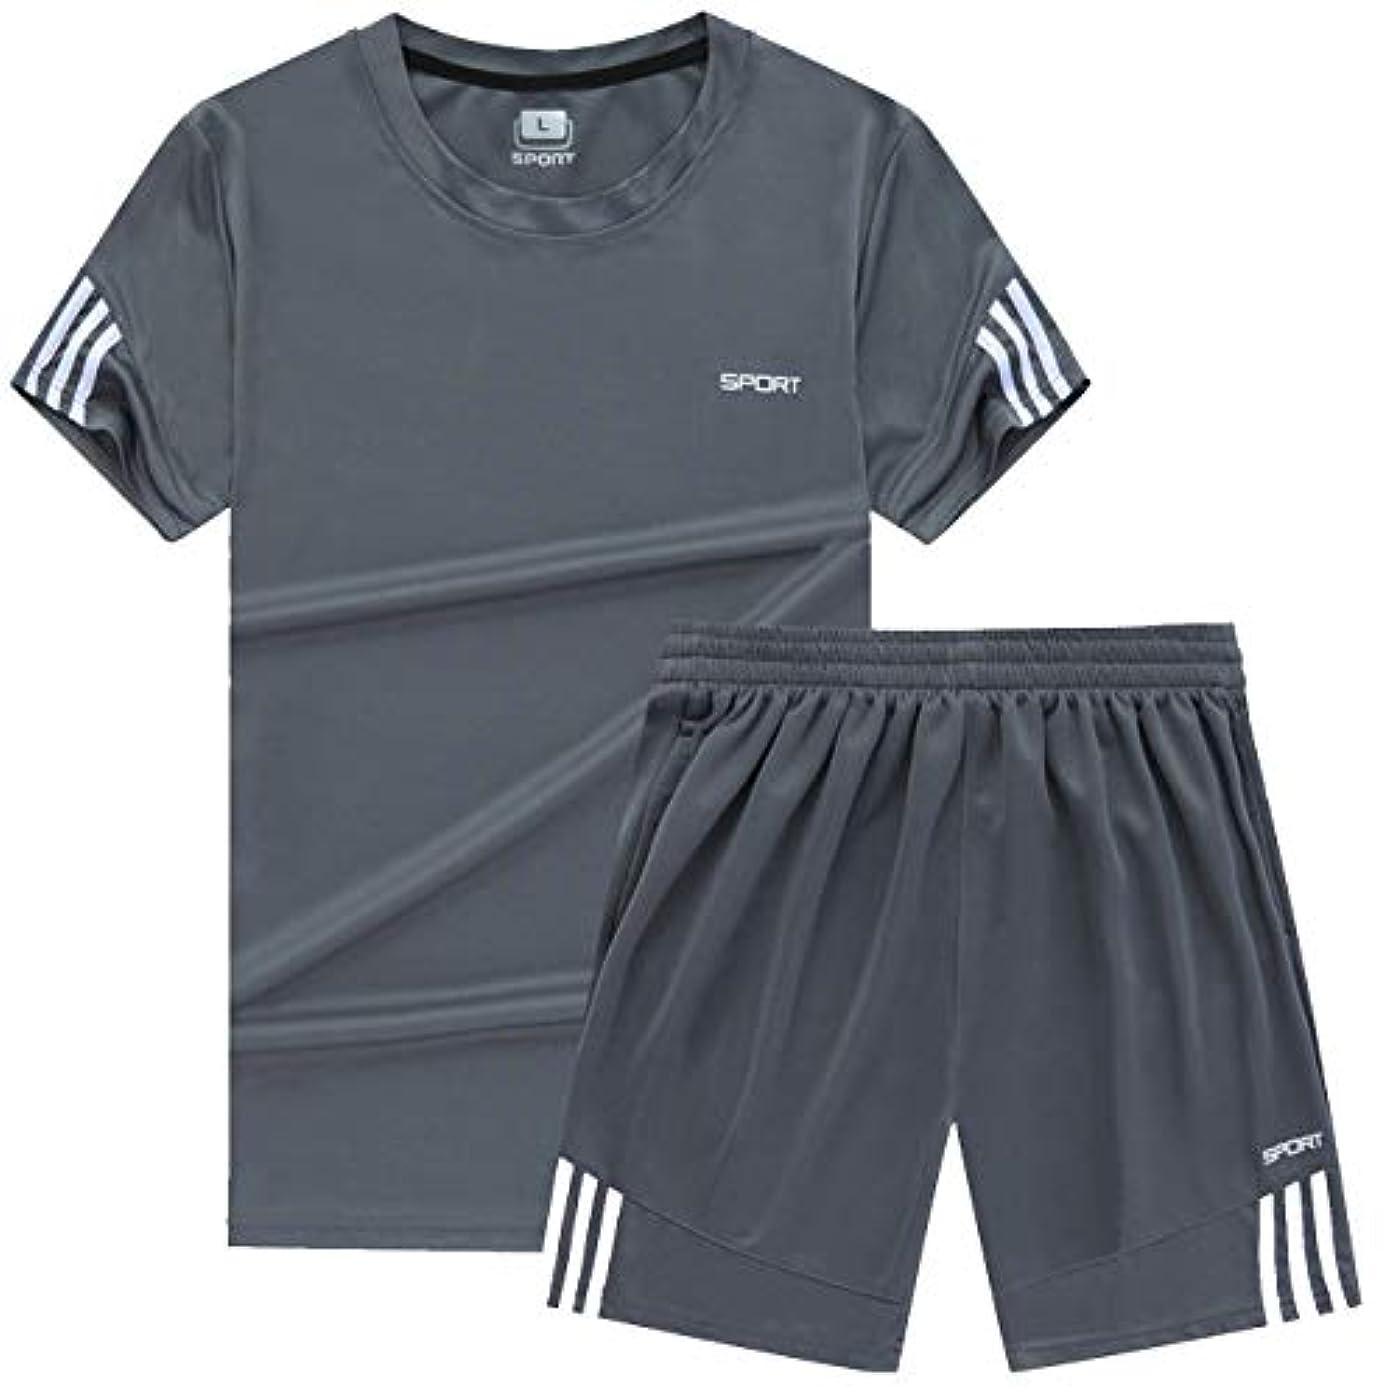 ベッドを作るドループ円周[ココチエ] スポーツウェア メンズ 半袖 短パン 上下 tシャツ 大きめ セットアップ 部屋着 夏